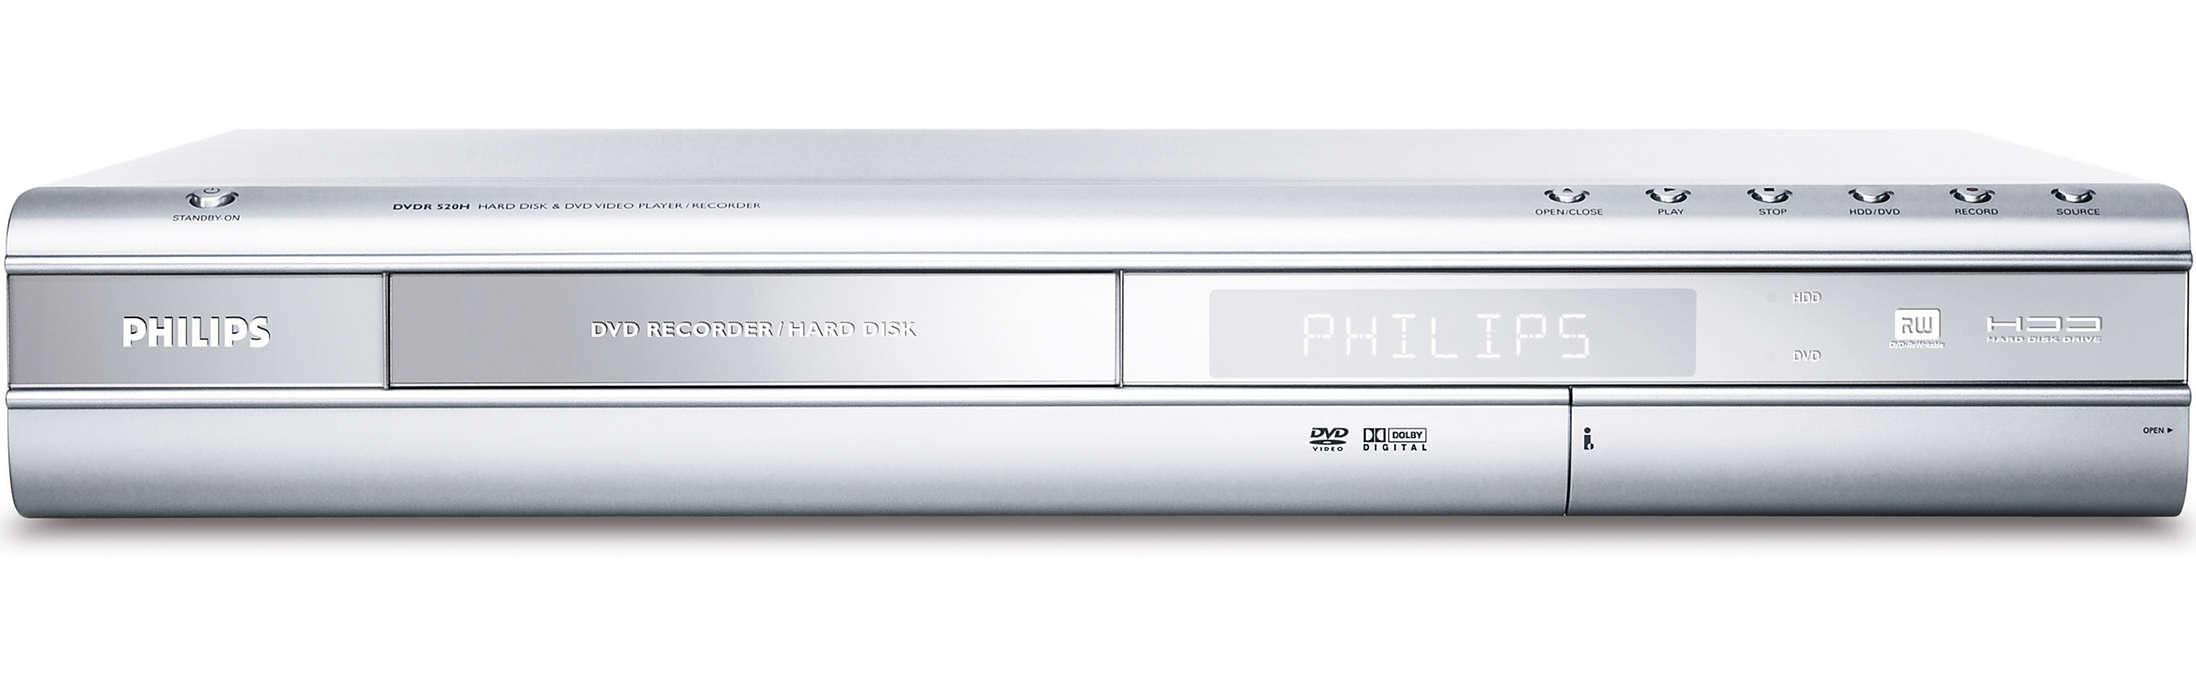 Grabador de DVD/Disco duro